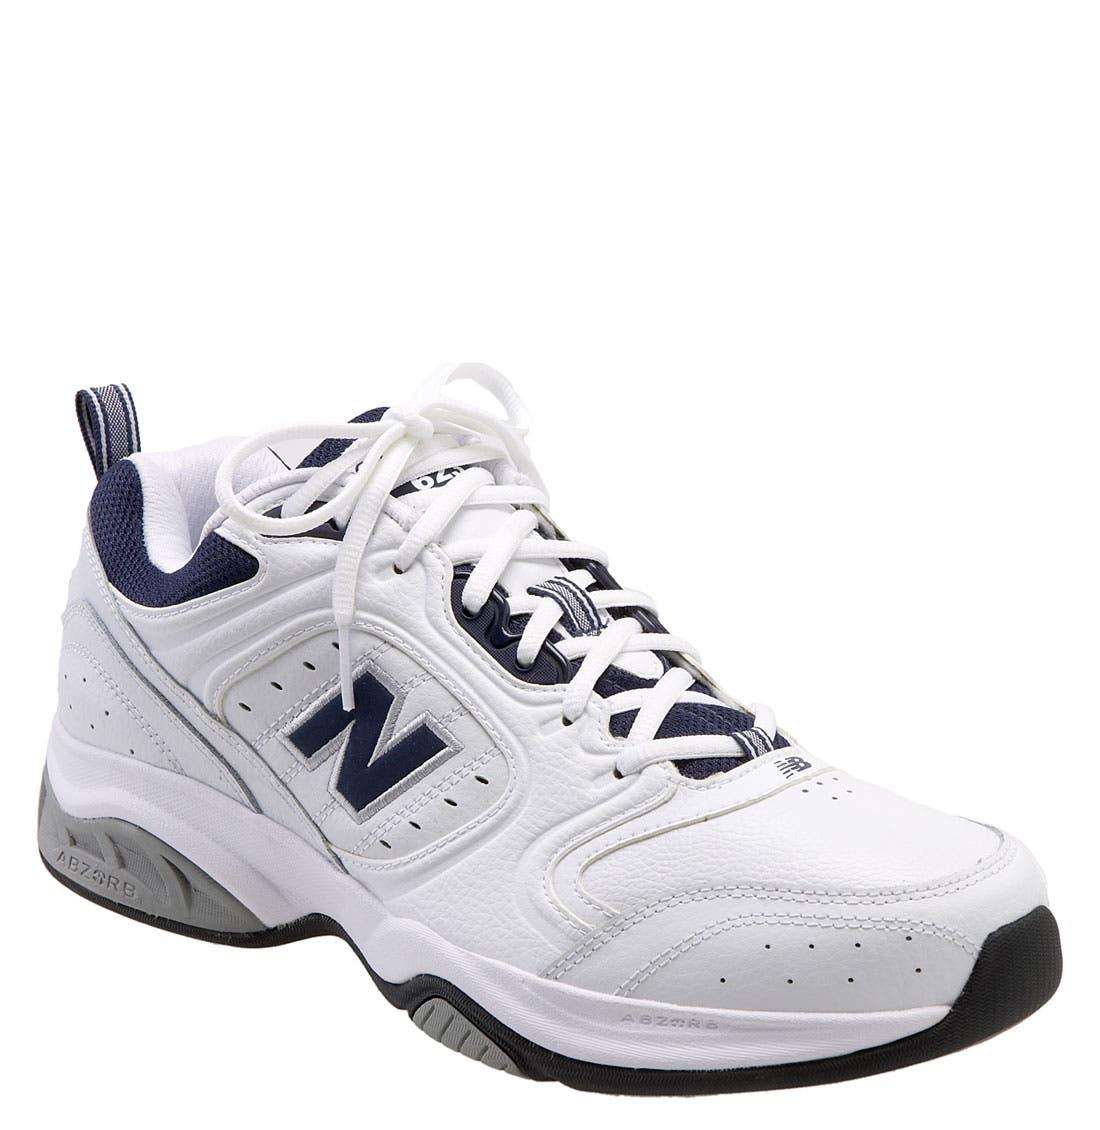 Main Image - New Balance '623' Training Shoe (Men)